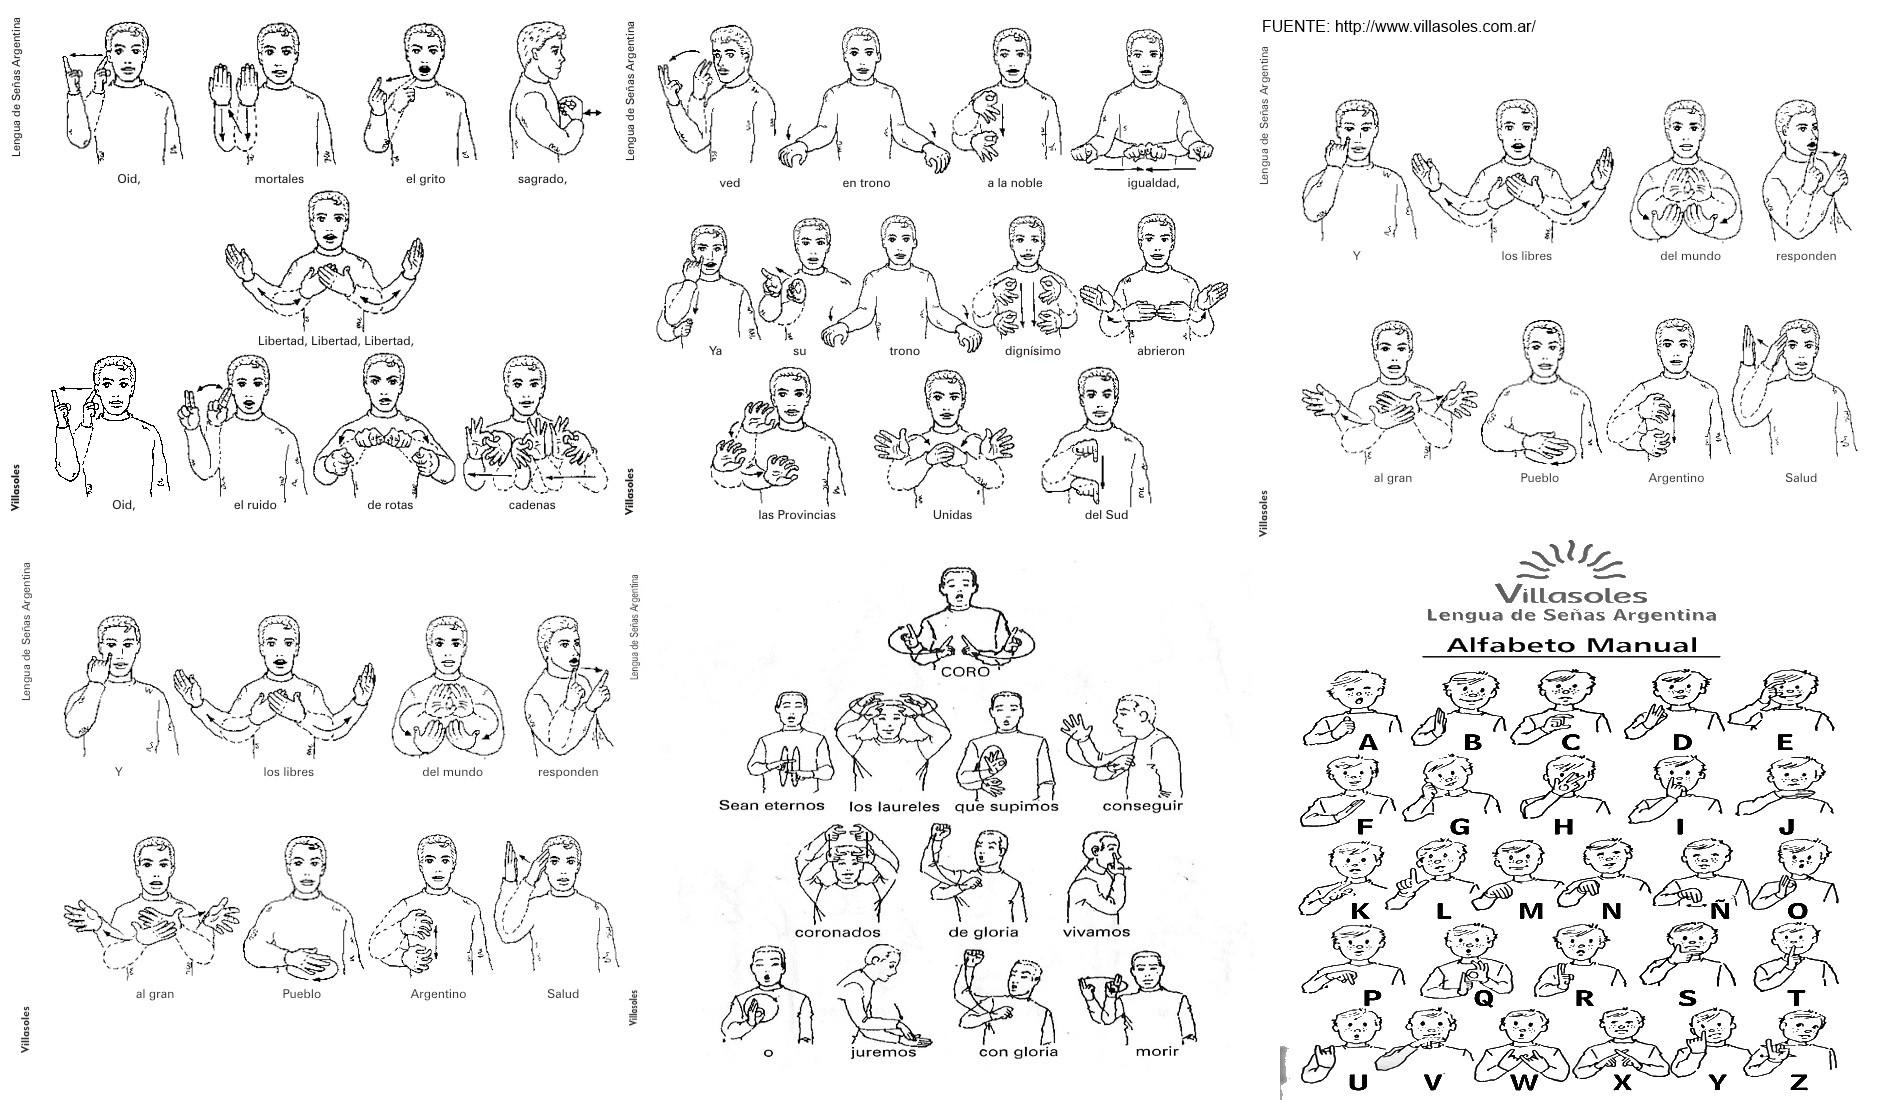 Calendario Cumpleaños Imprimir Más Recientes Bejomi1 Of Calendario Cumpleaños Imprimir Más Populares Erecte³n La Enciclopedia Libre